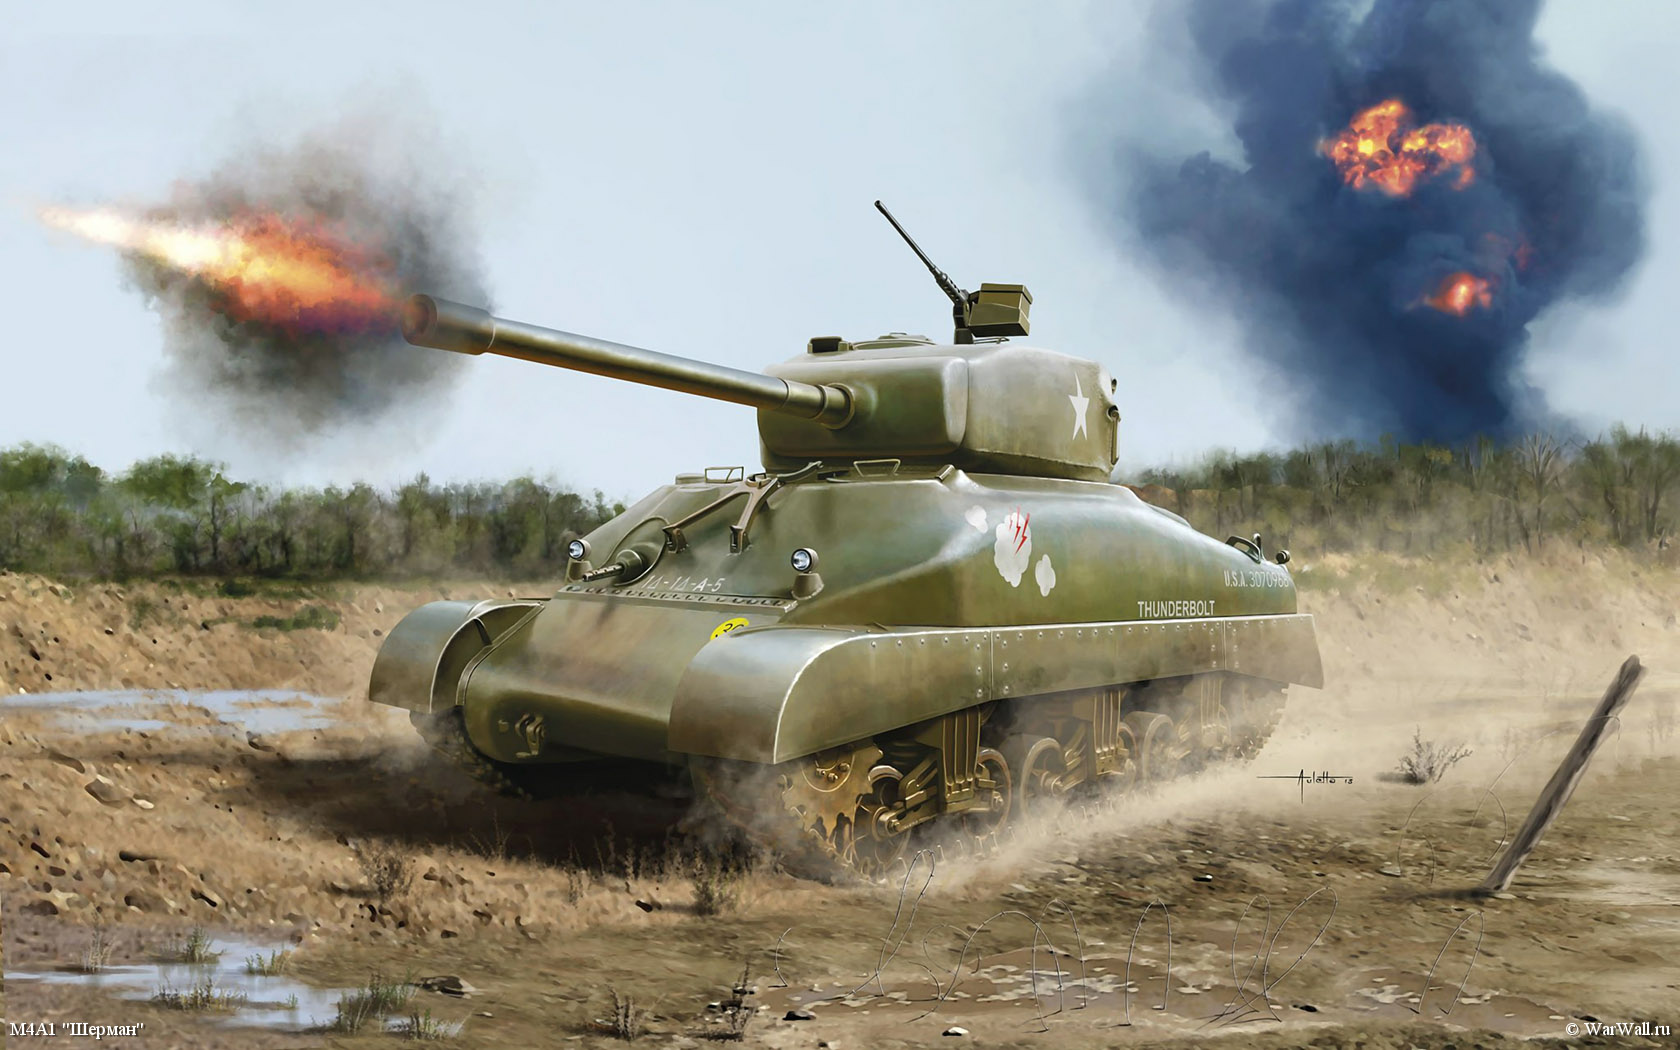 рисунок 03196 M4A1 Sherman